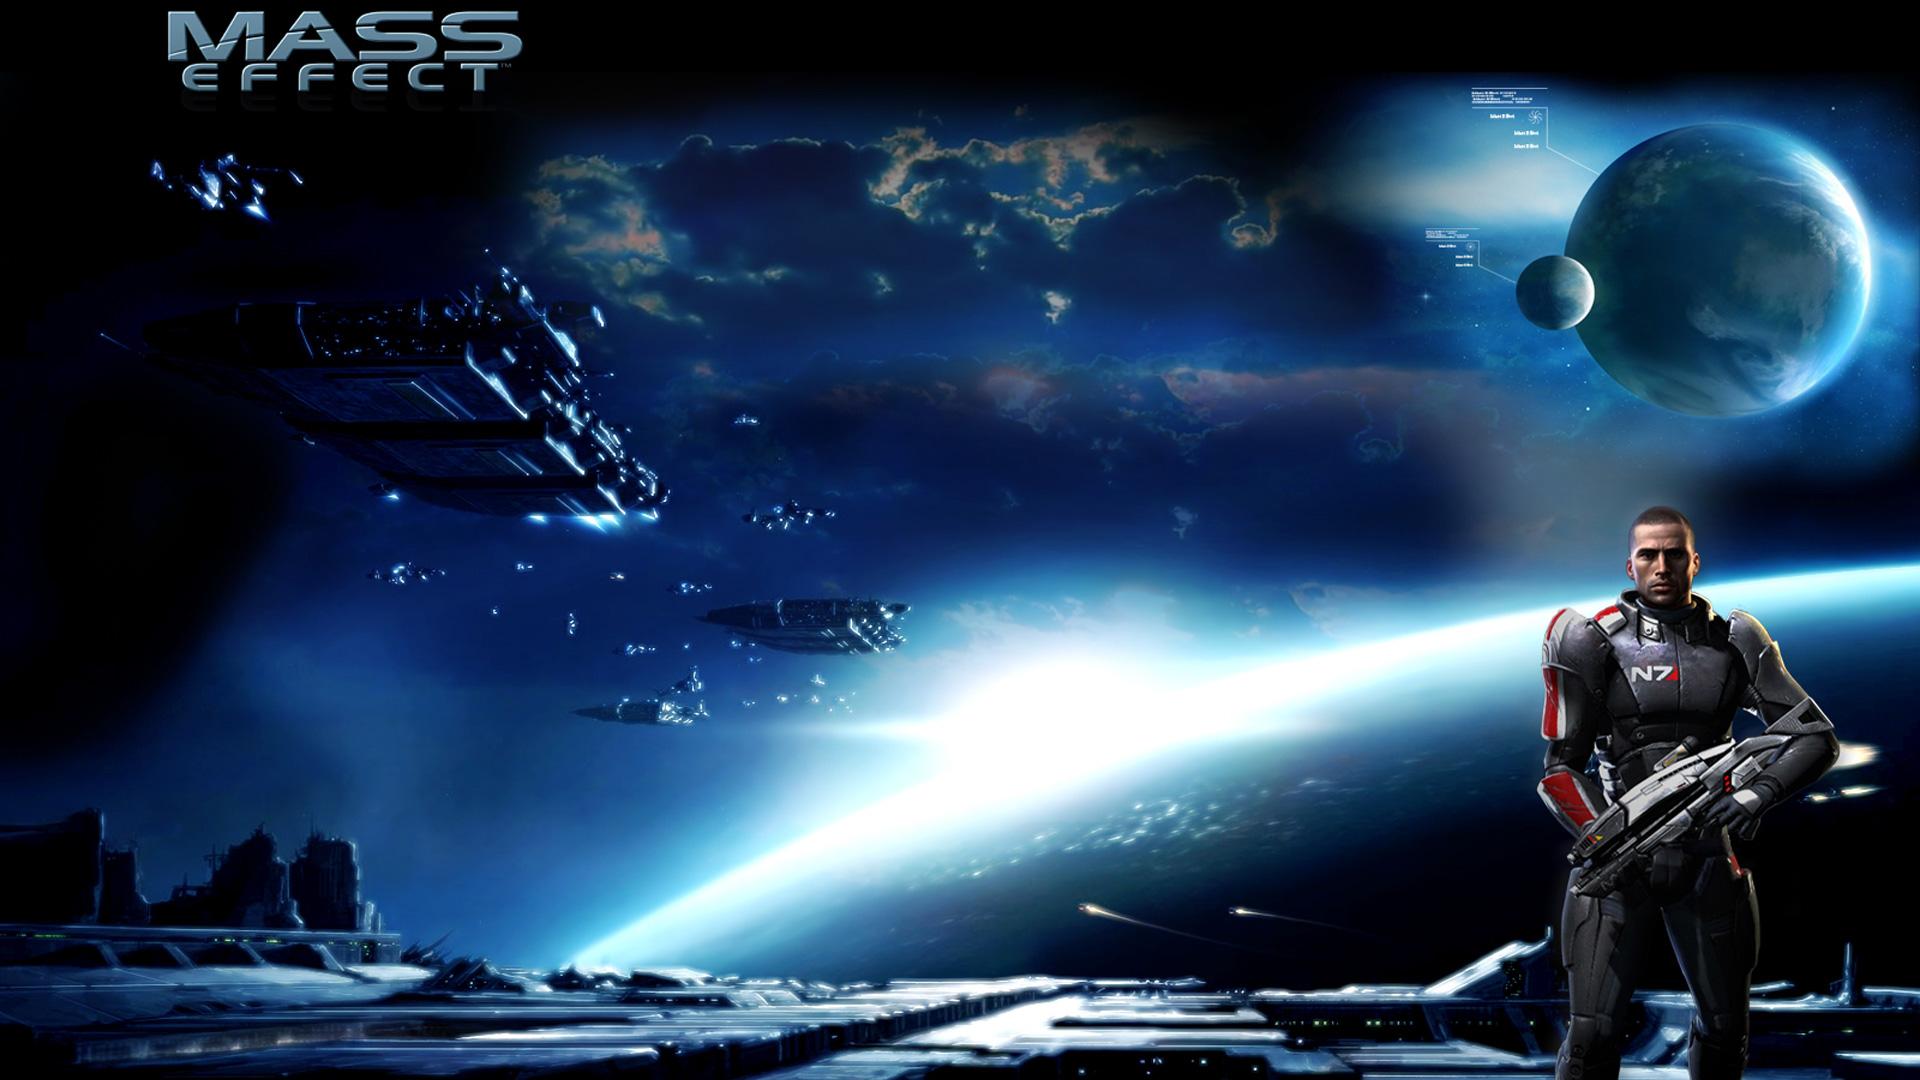 Mass Effect Wallpaper in 1920x1080